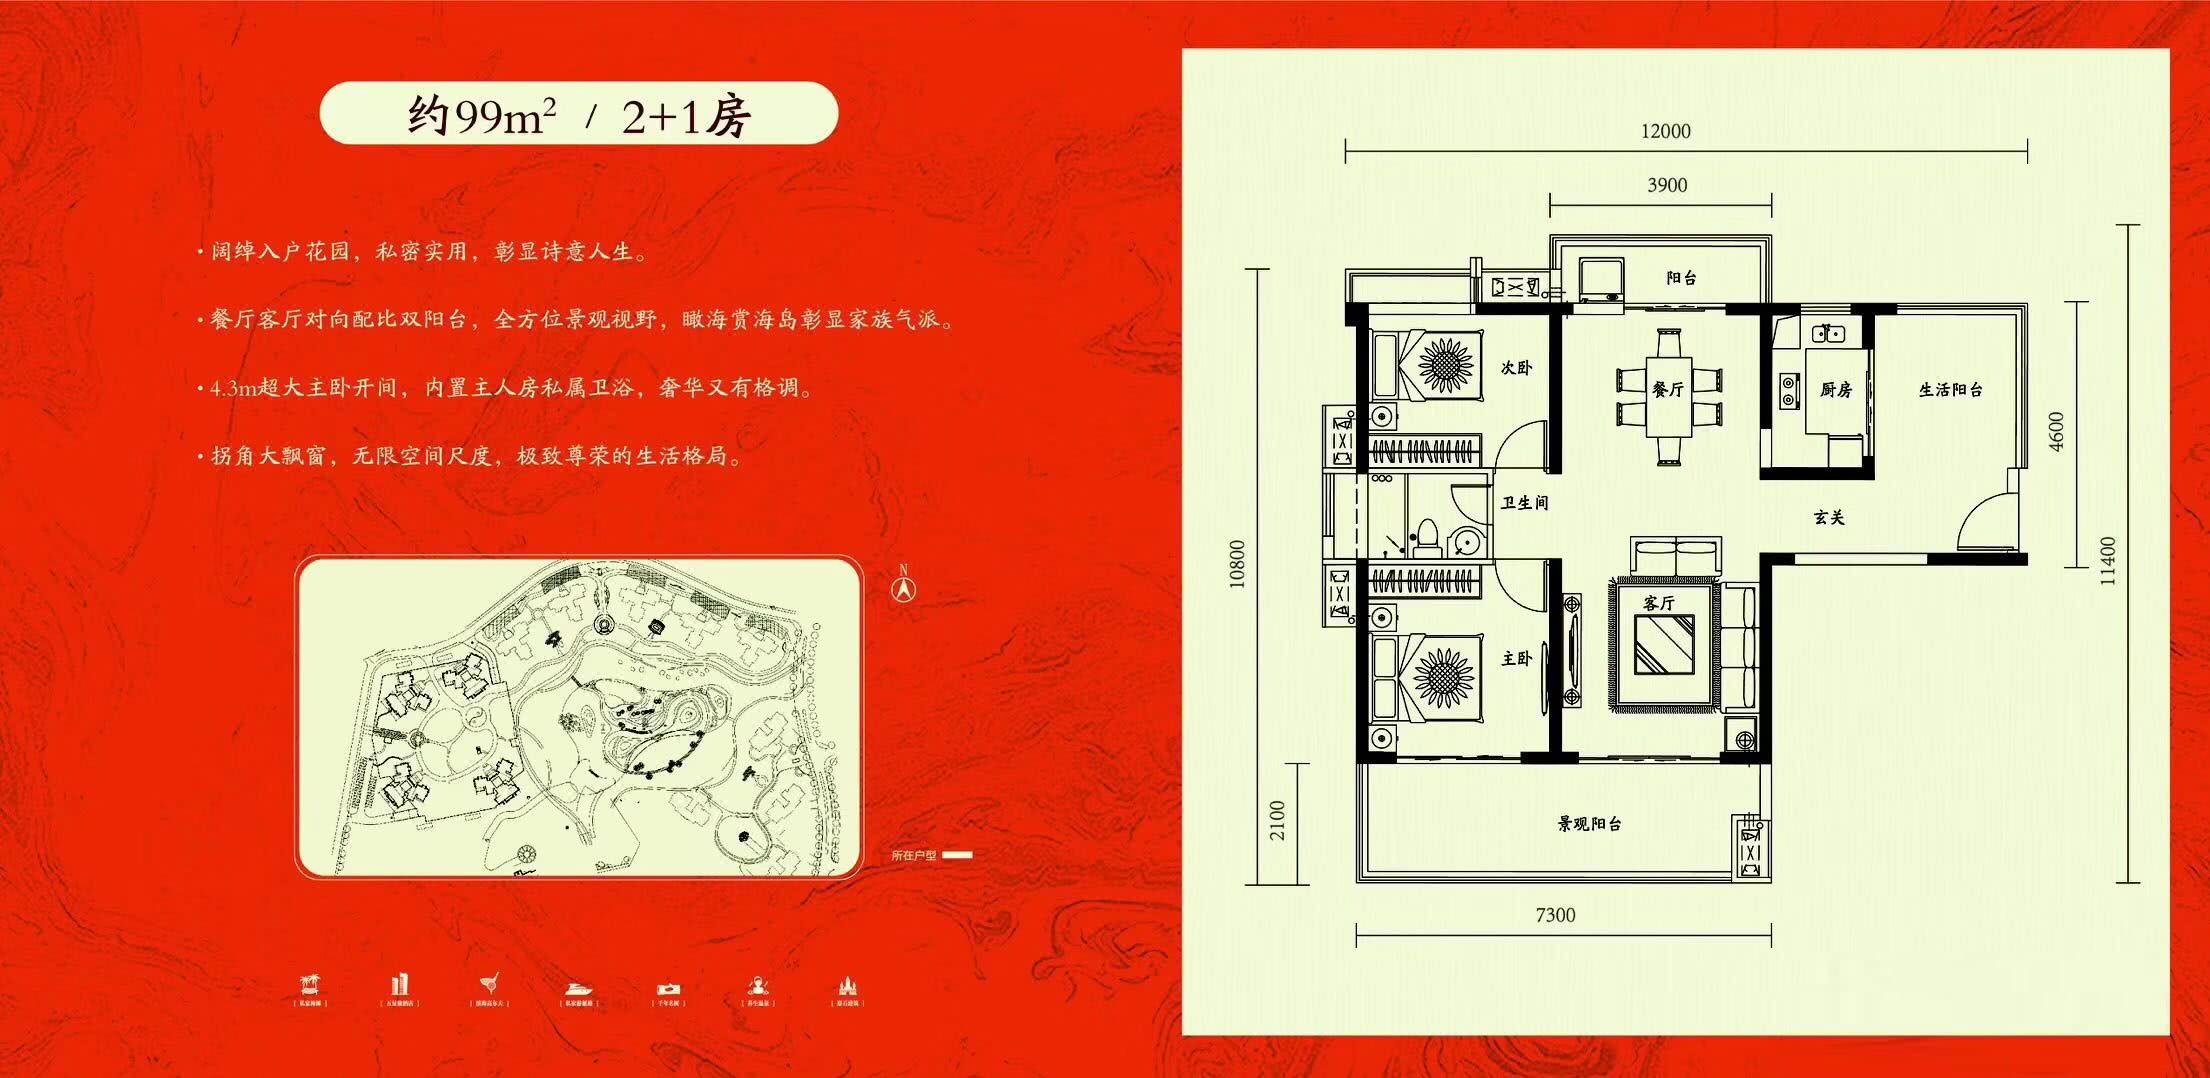 桃花岛2+1房约99平